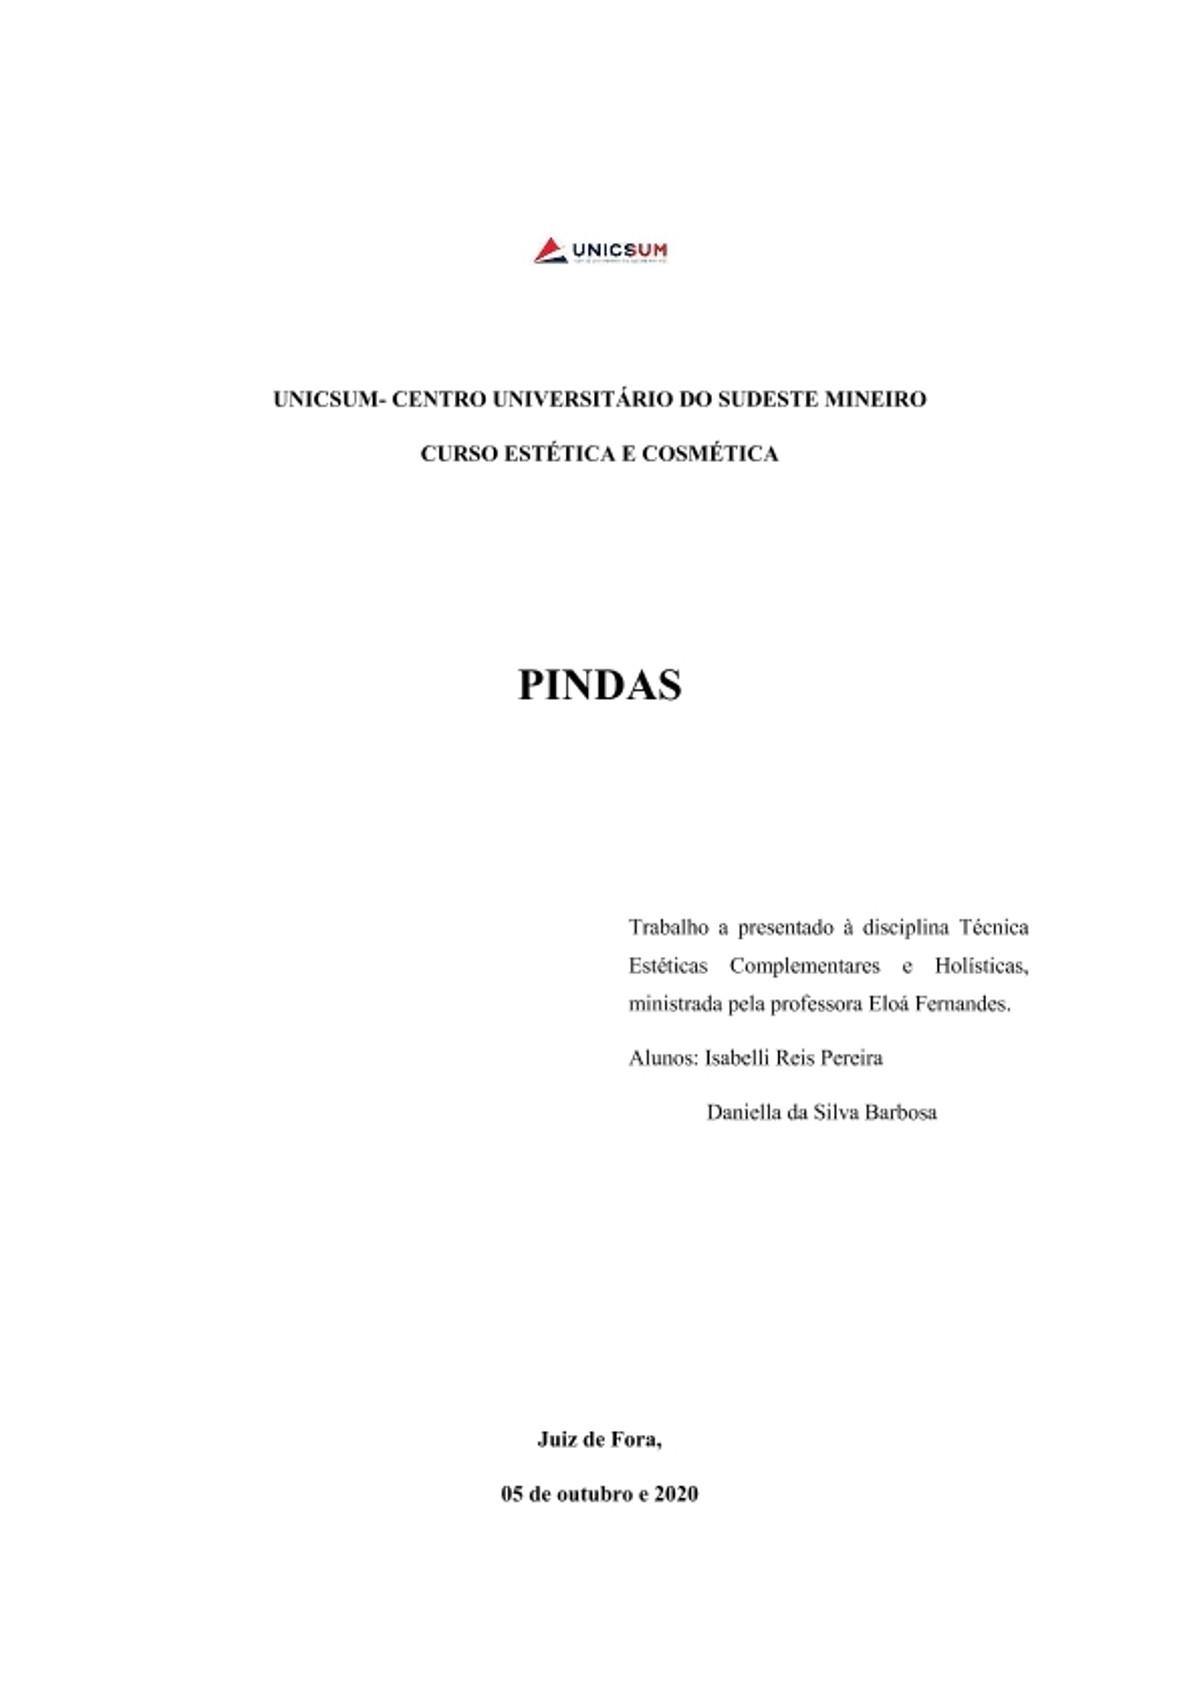 Pre-visualização do material Pindas - página 1